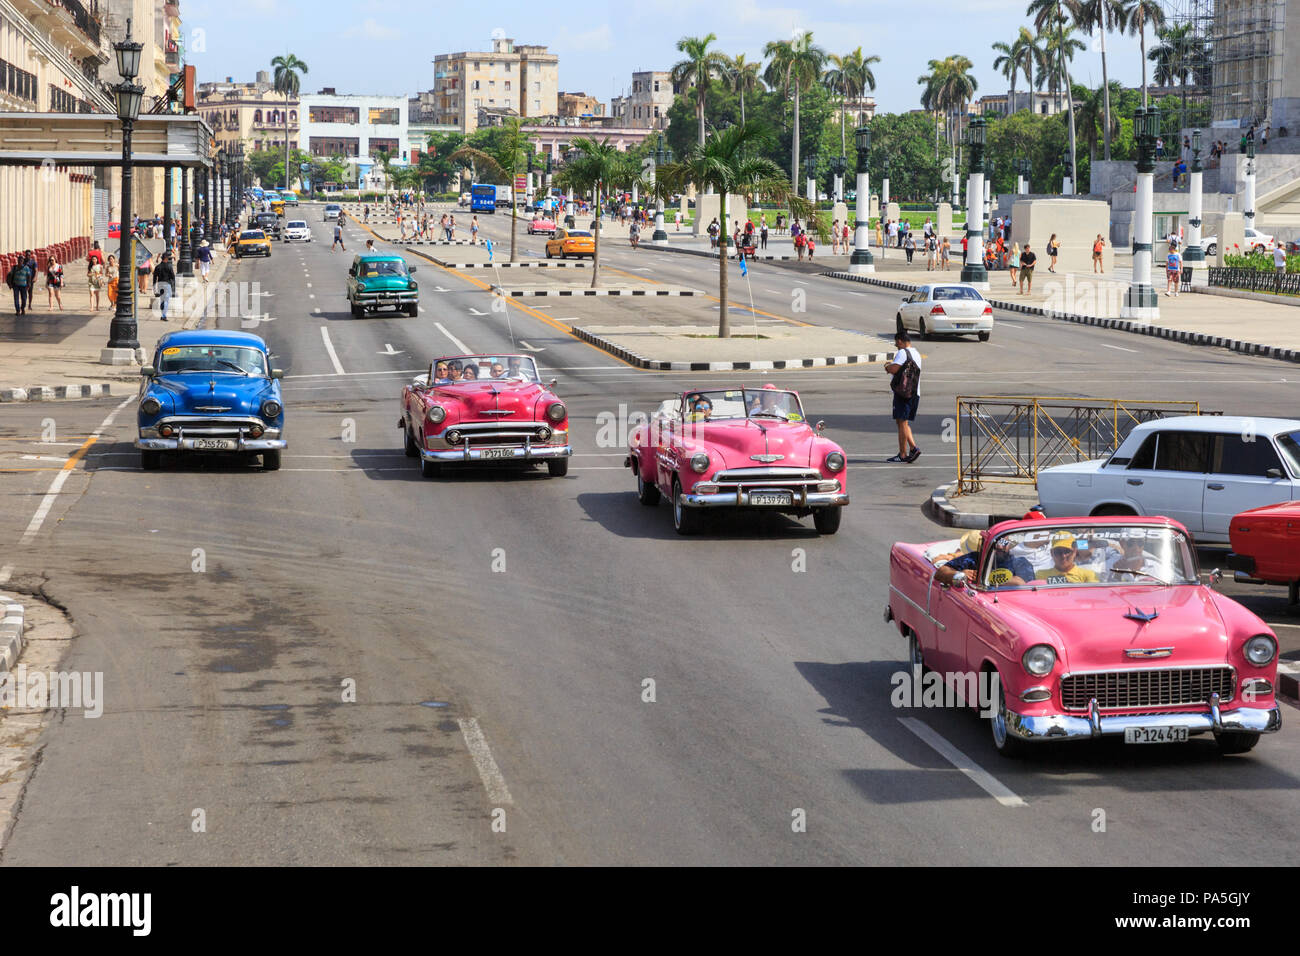 American Classic Cars, vintage taxi che trasportano i turisti e visitatori sul Paseo de Marti a l'Avana, Cuba Immagini Stock